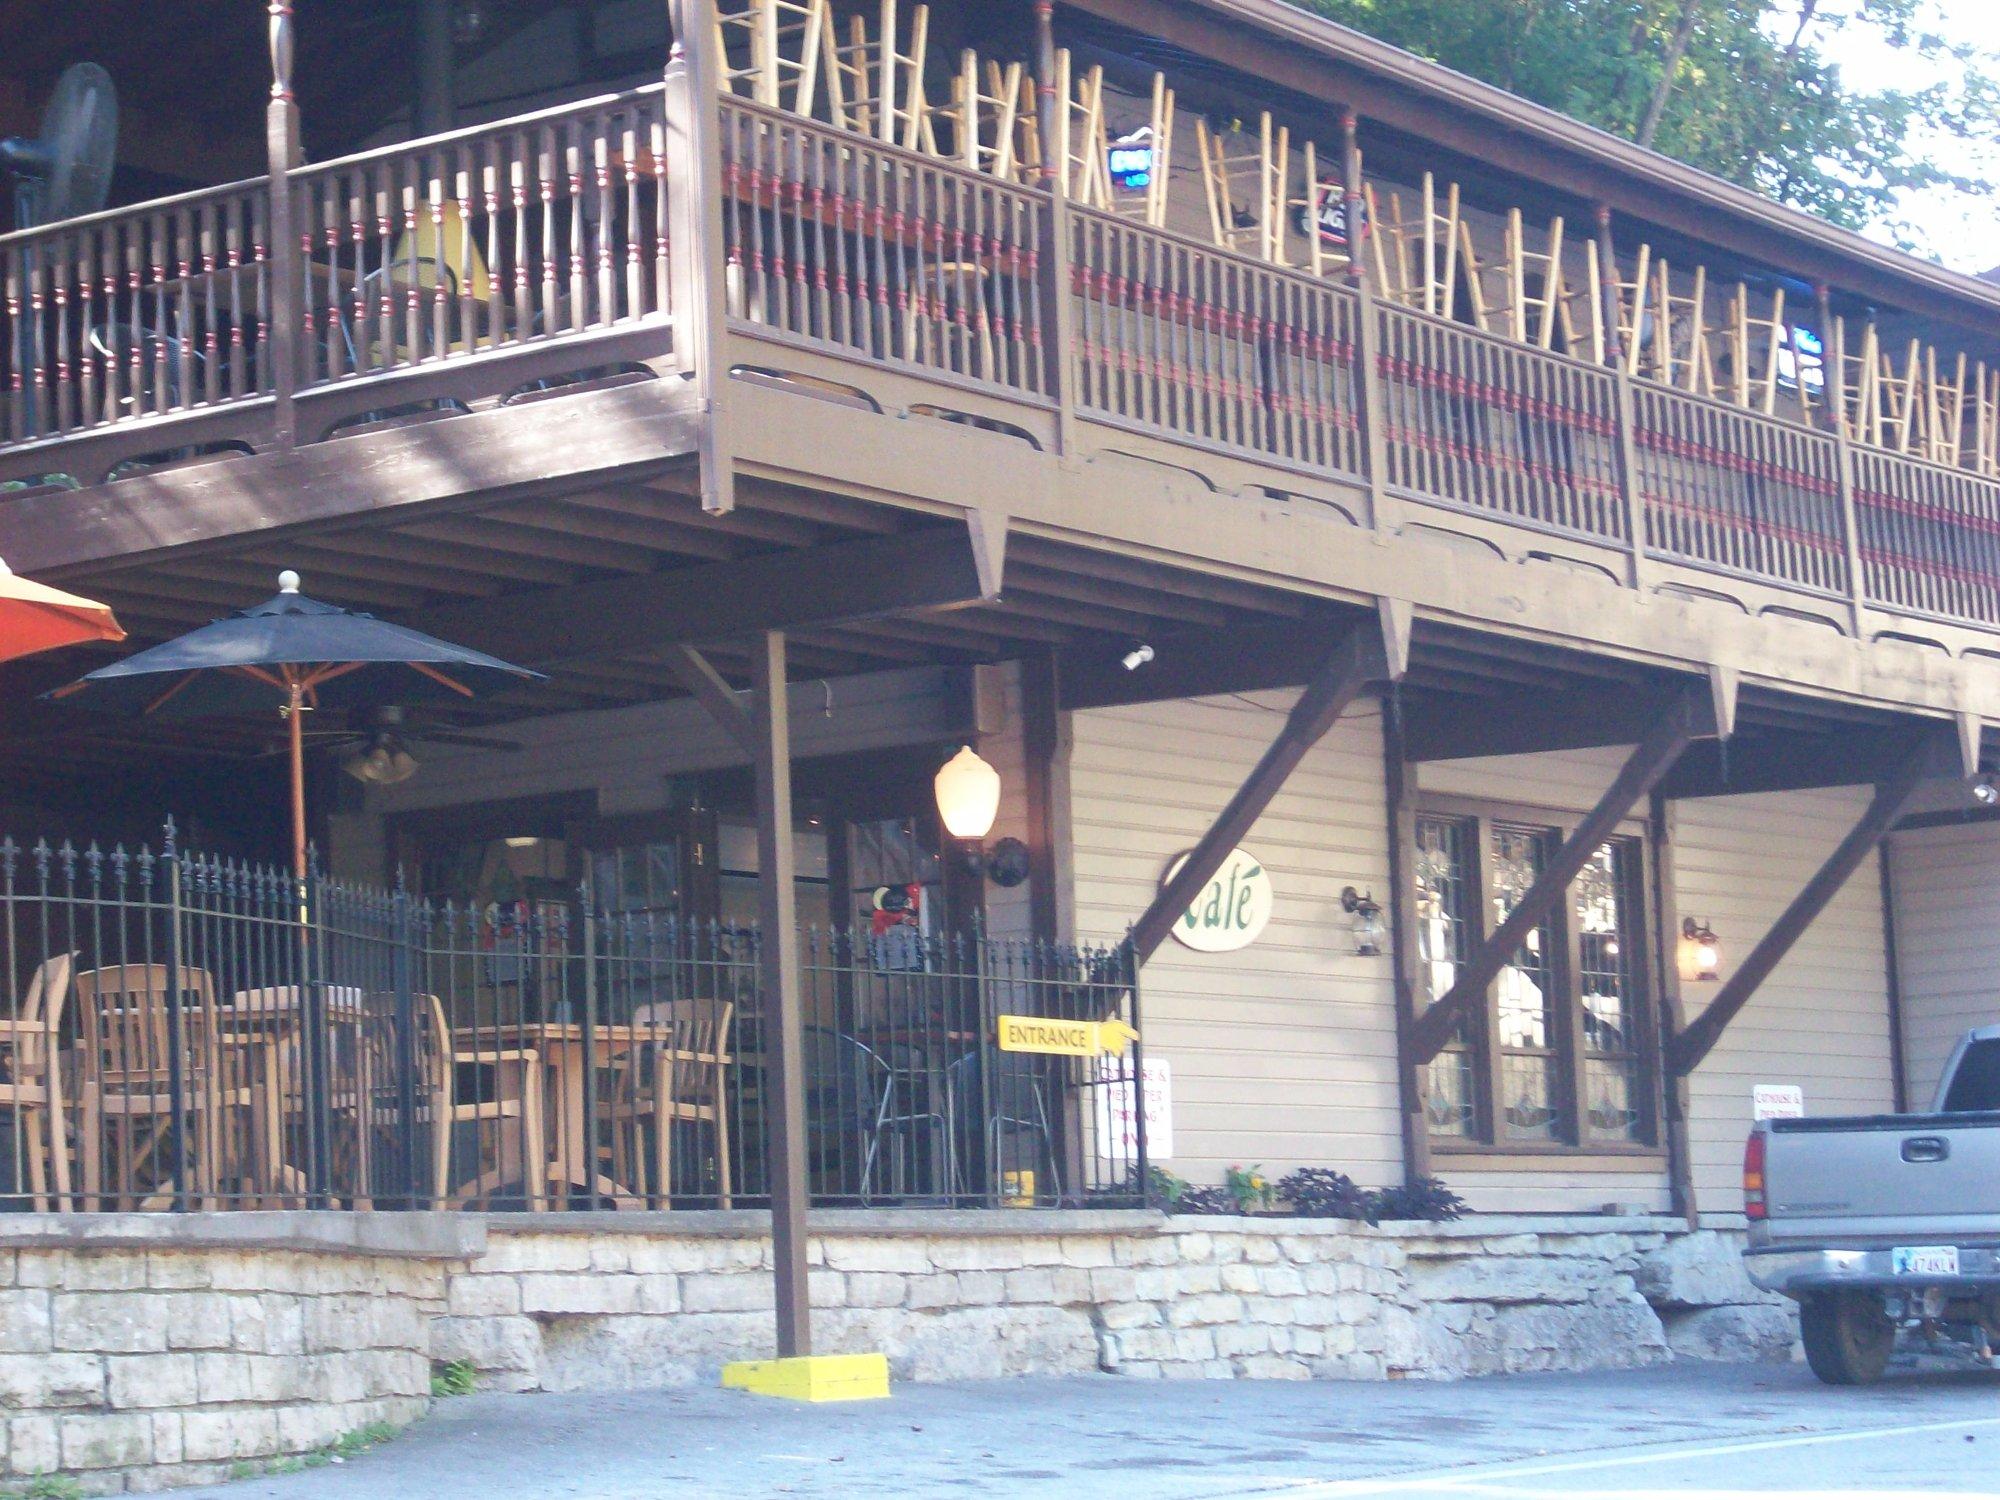 Pied Piper Pub & Inn